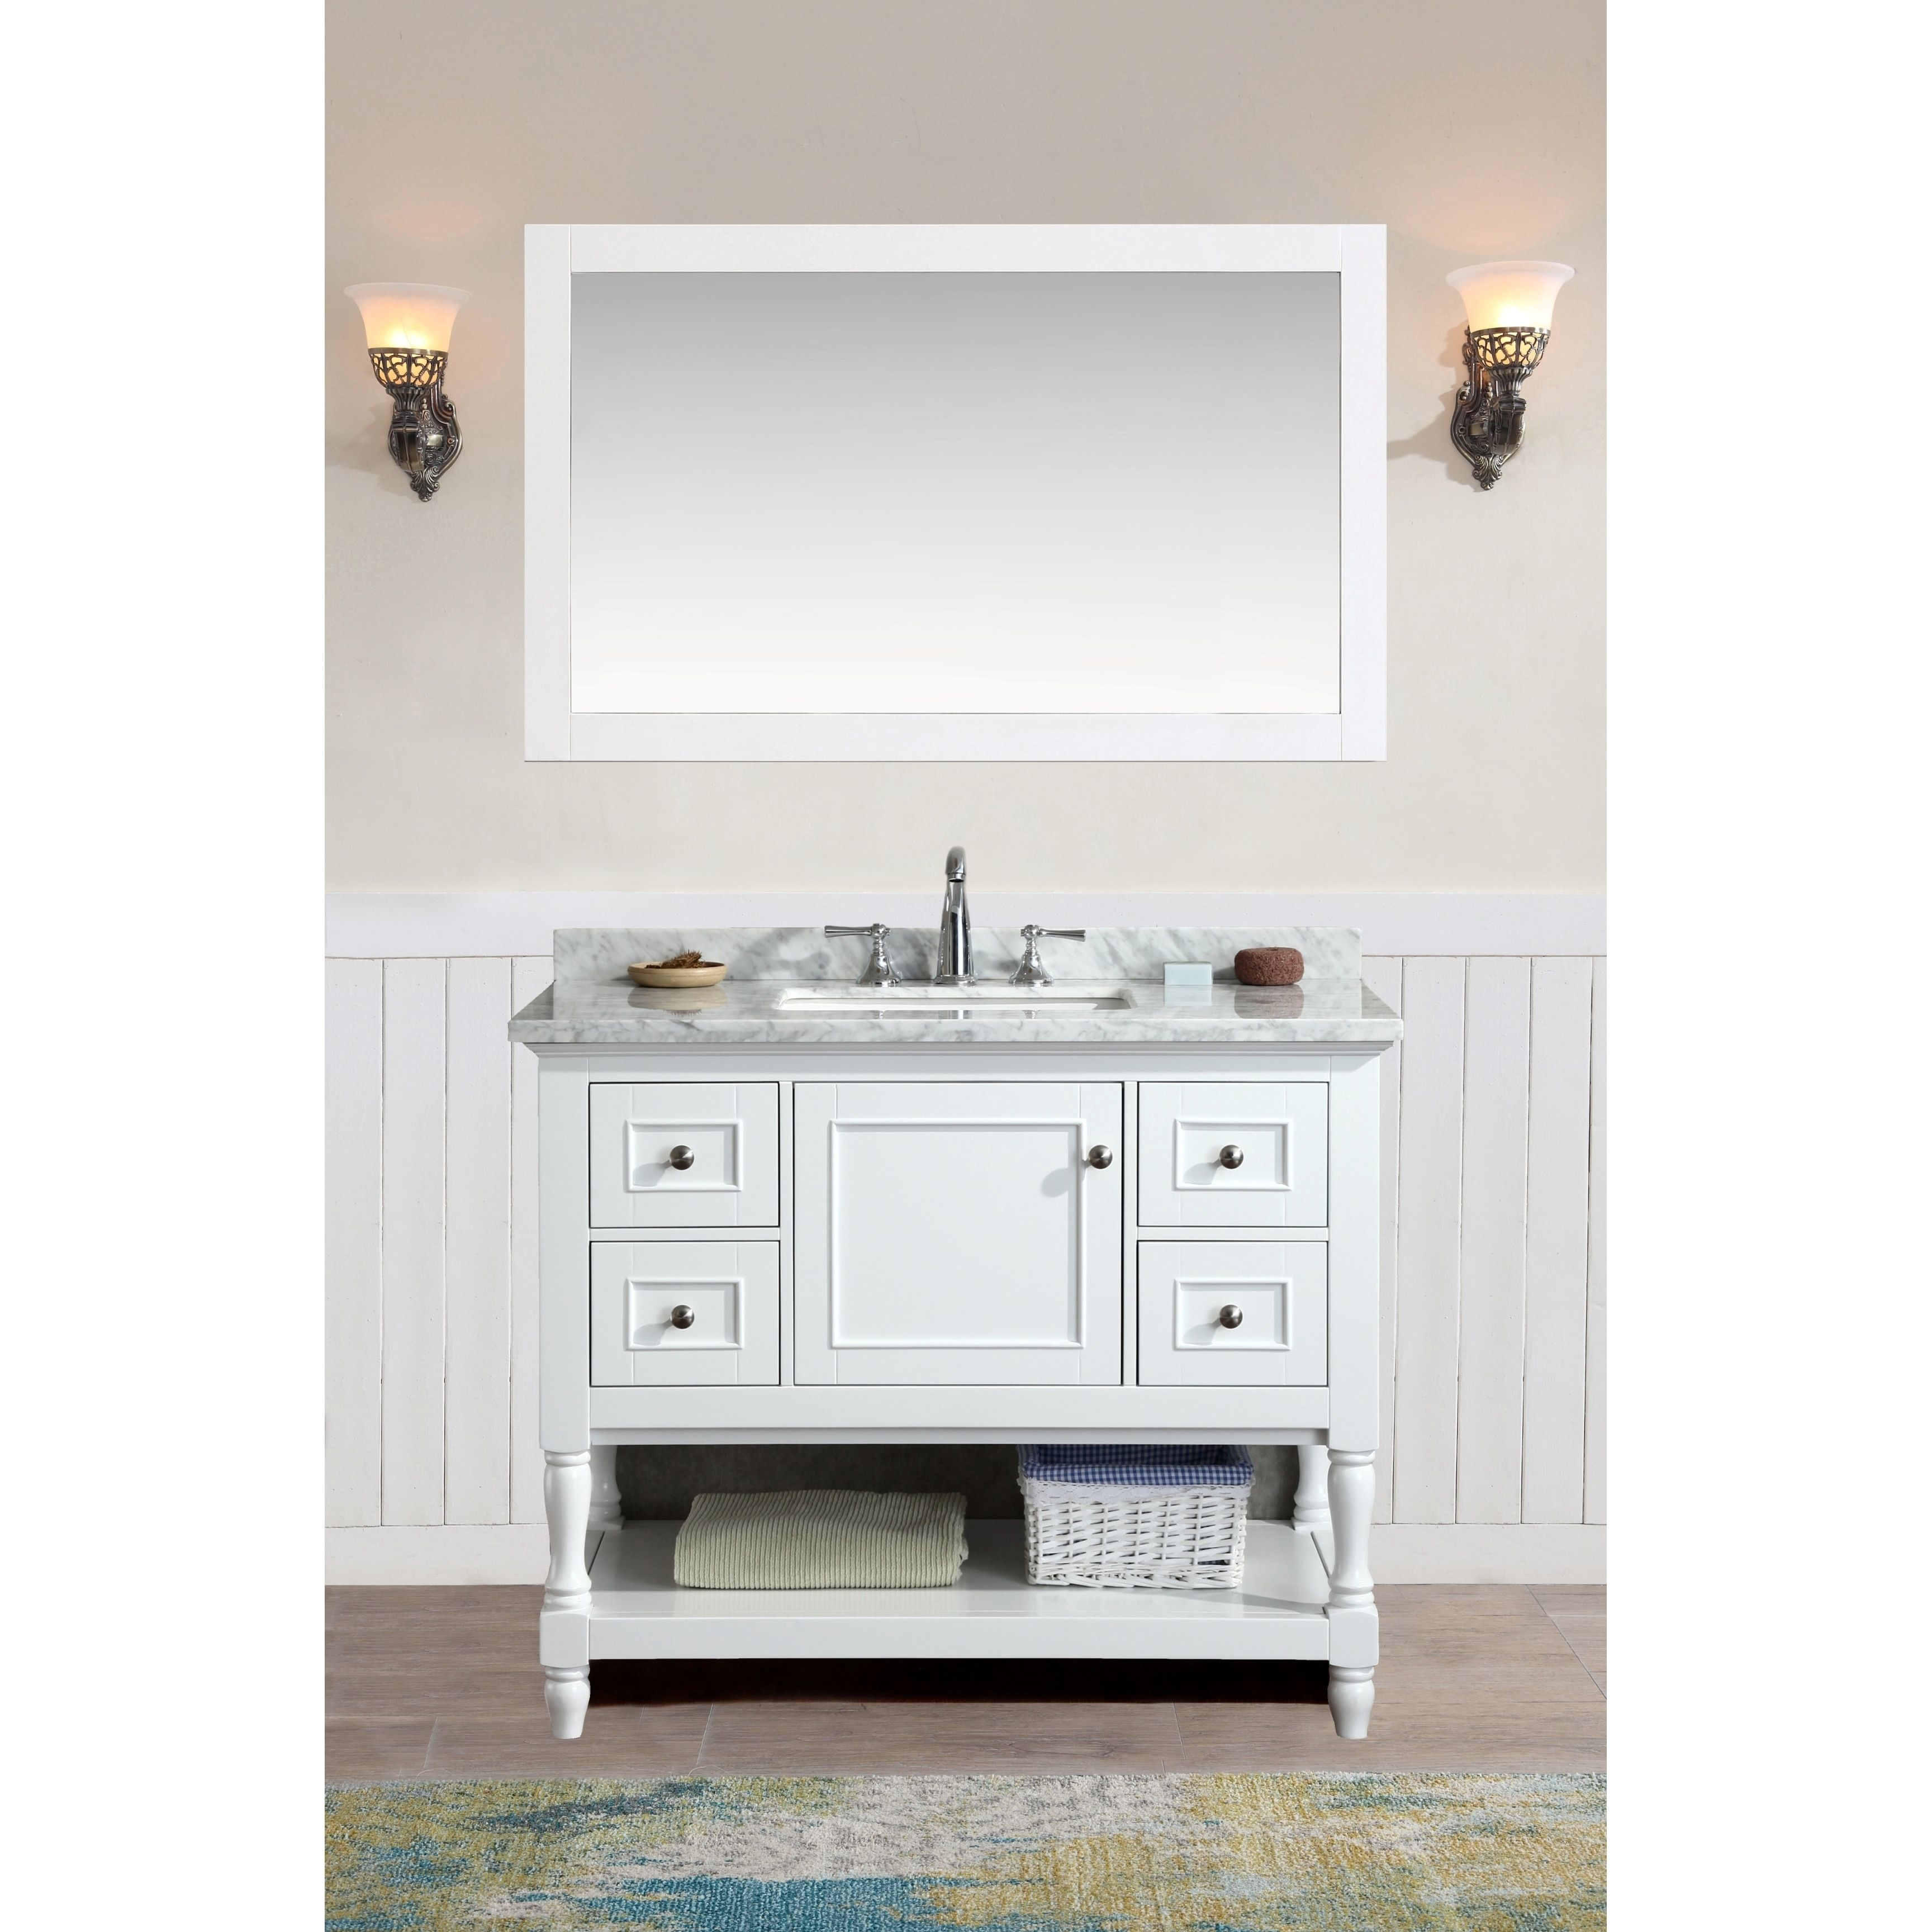 Ari Kitchen and Bath Cape Cod White 42 Inch Single Bathroom Vanity